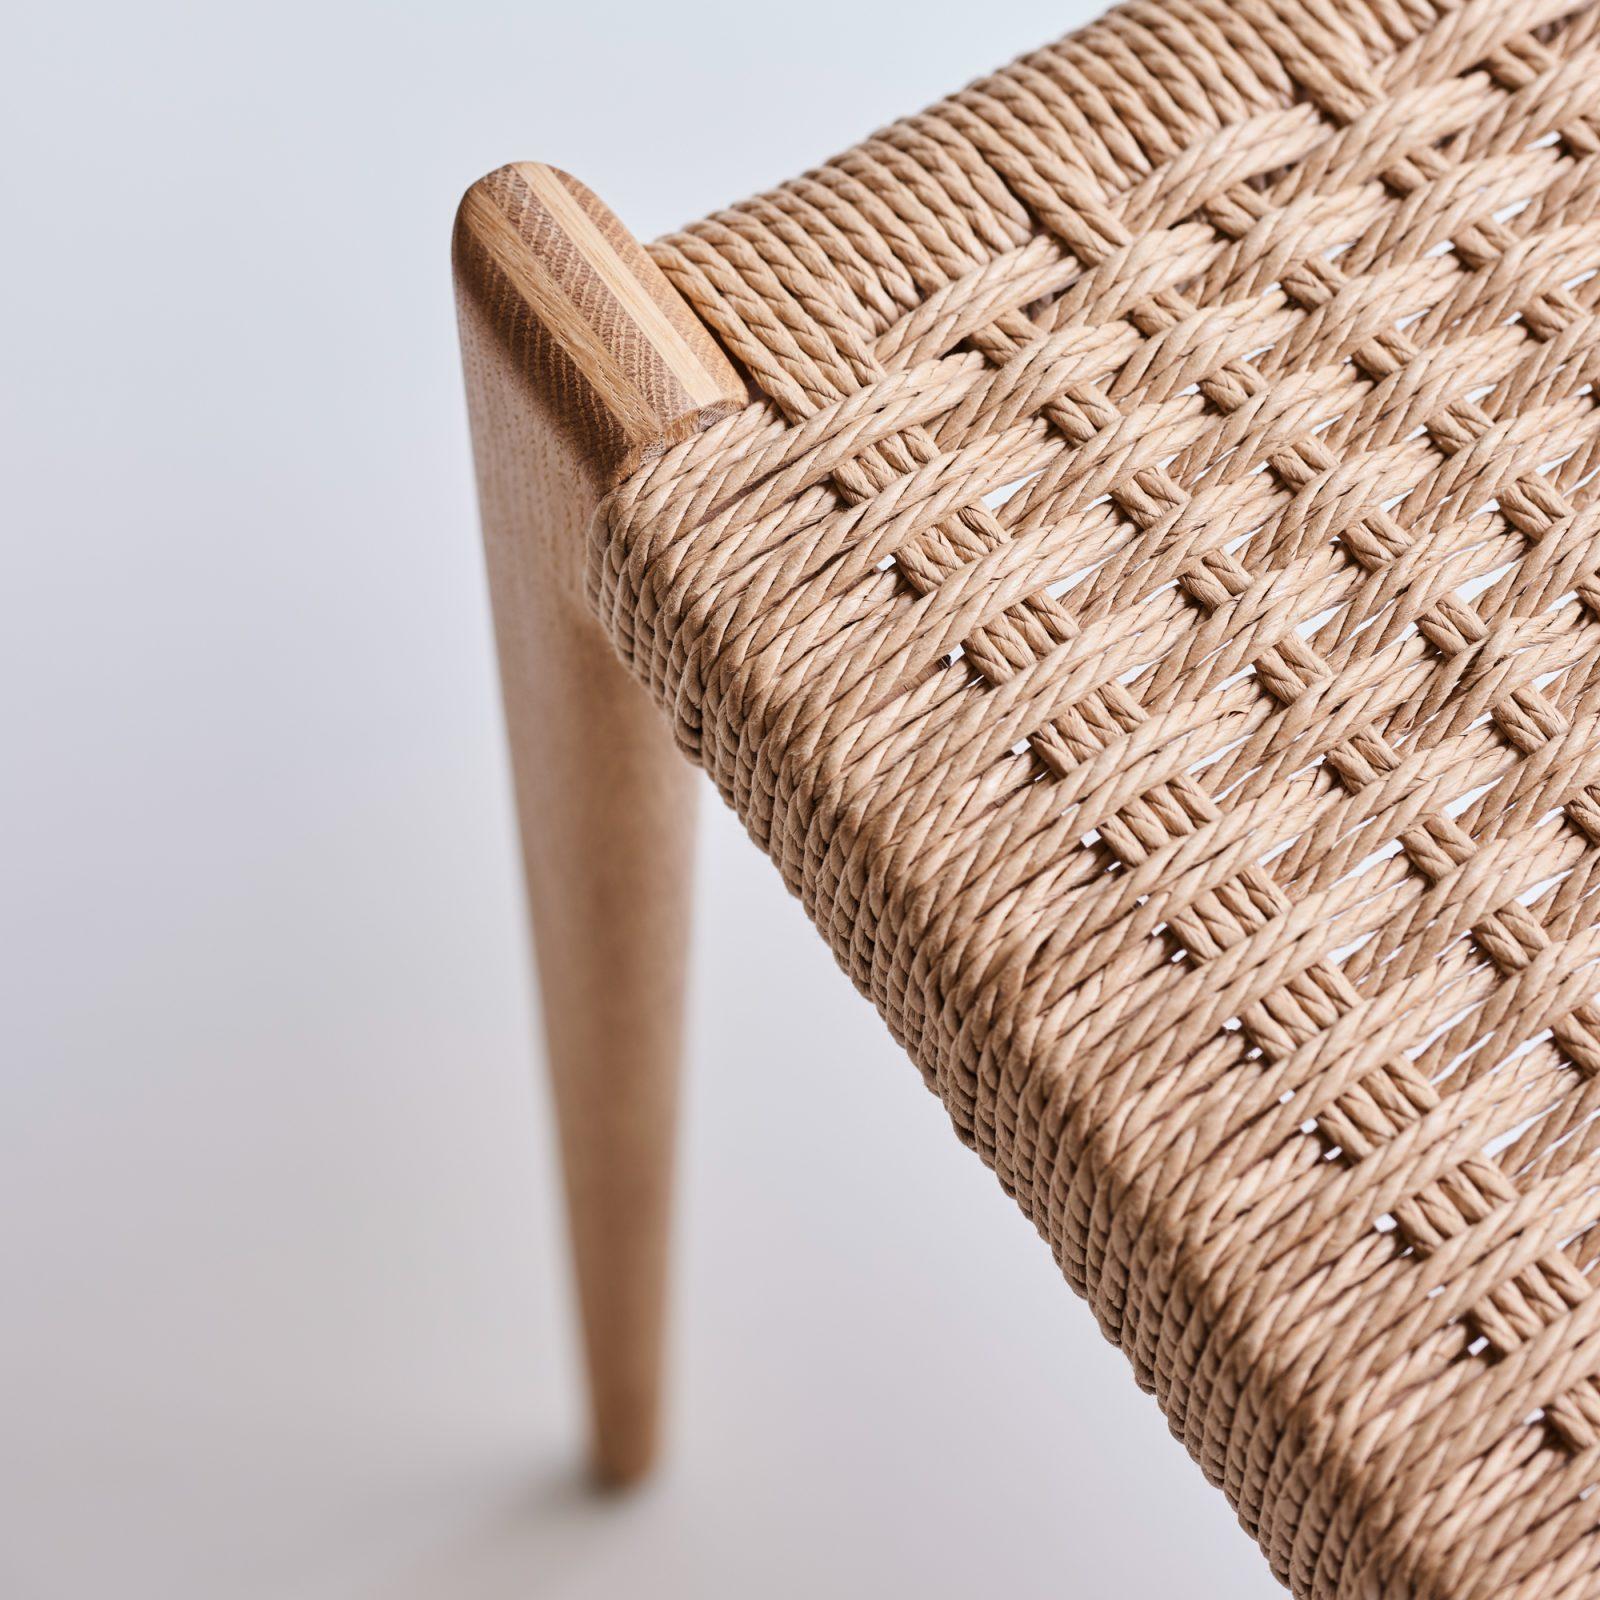 dk3-pia-chair-12